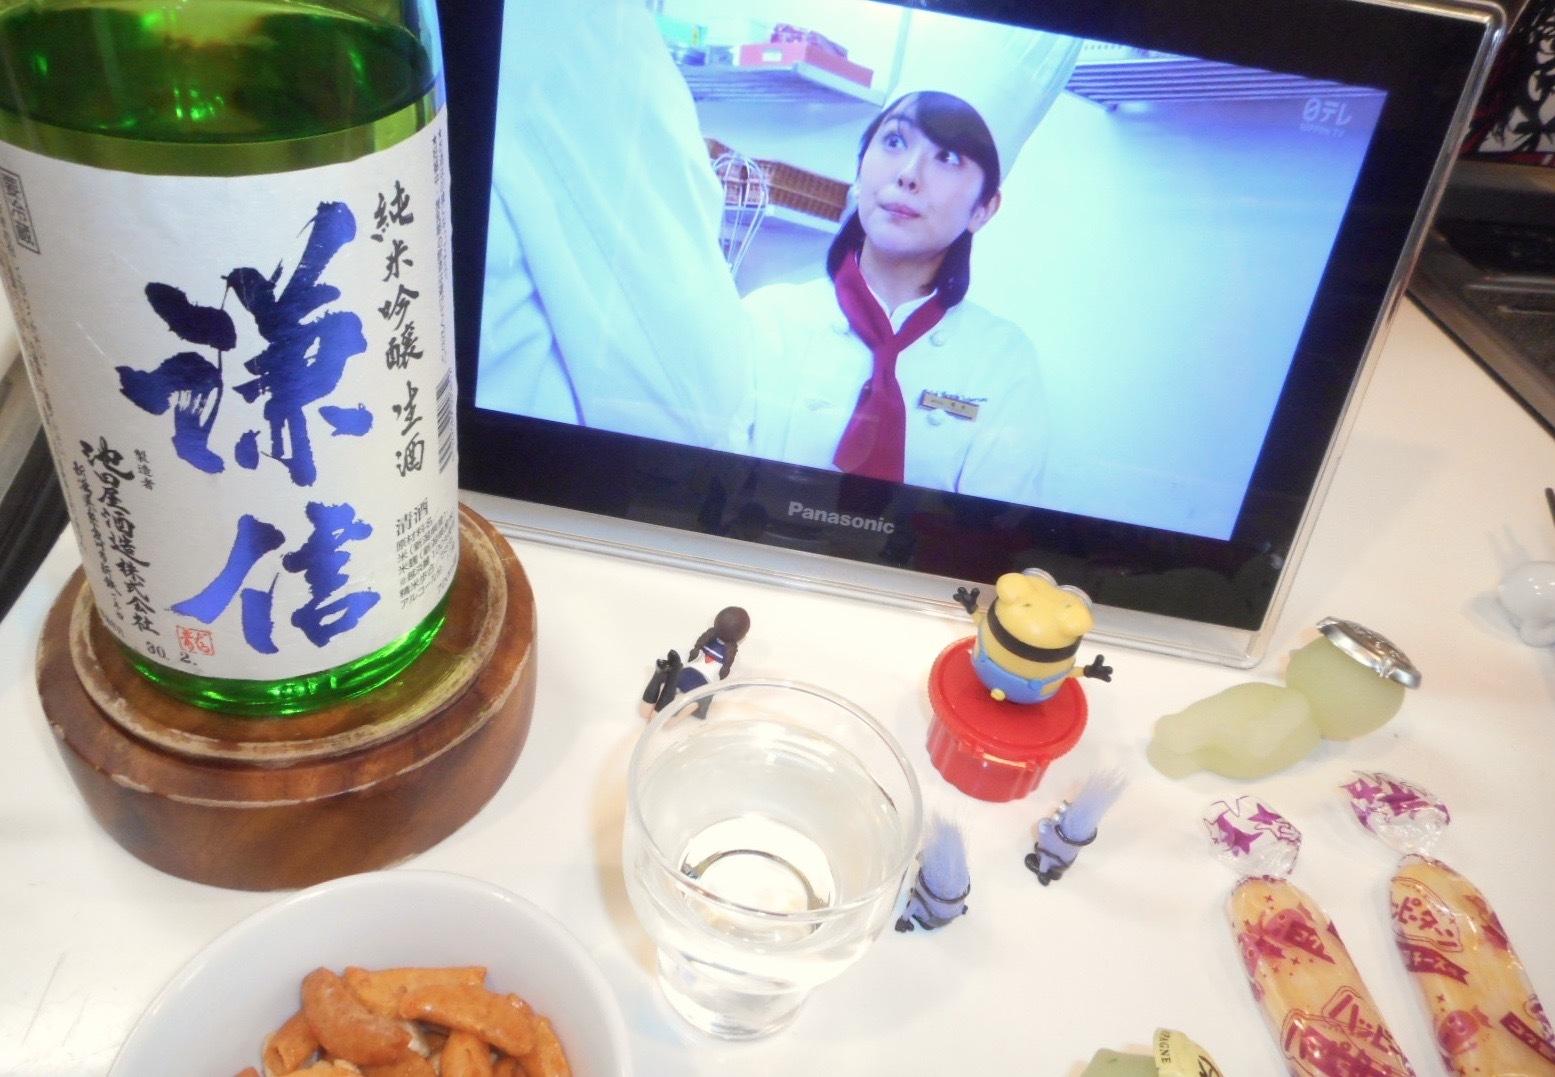 kenshin_koshitanrei55_29by4.jpg